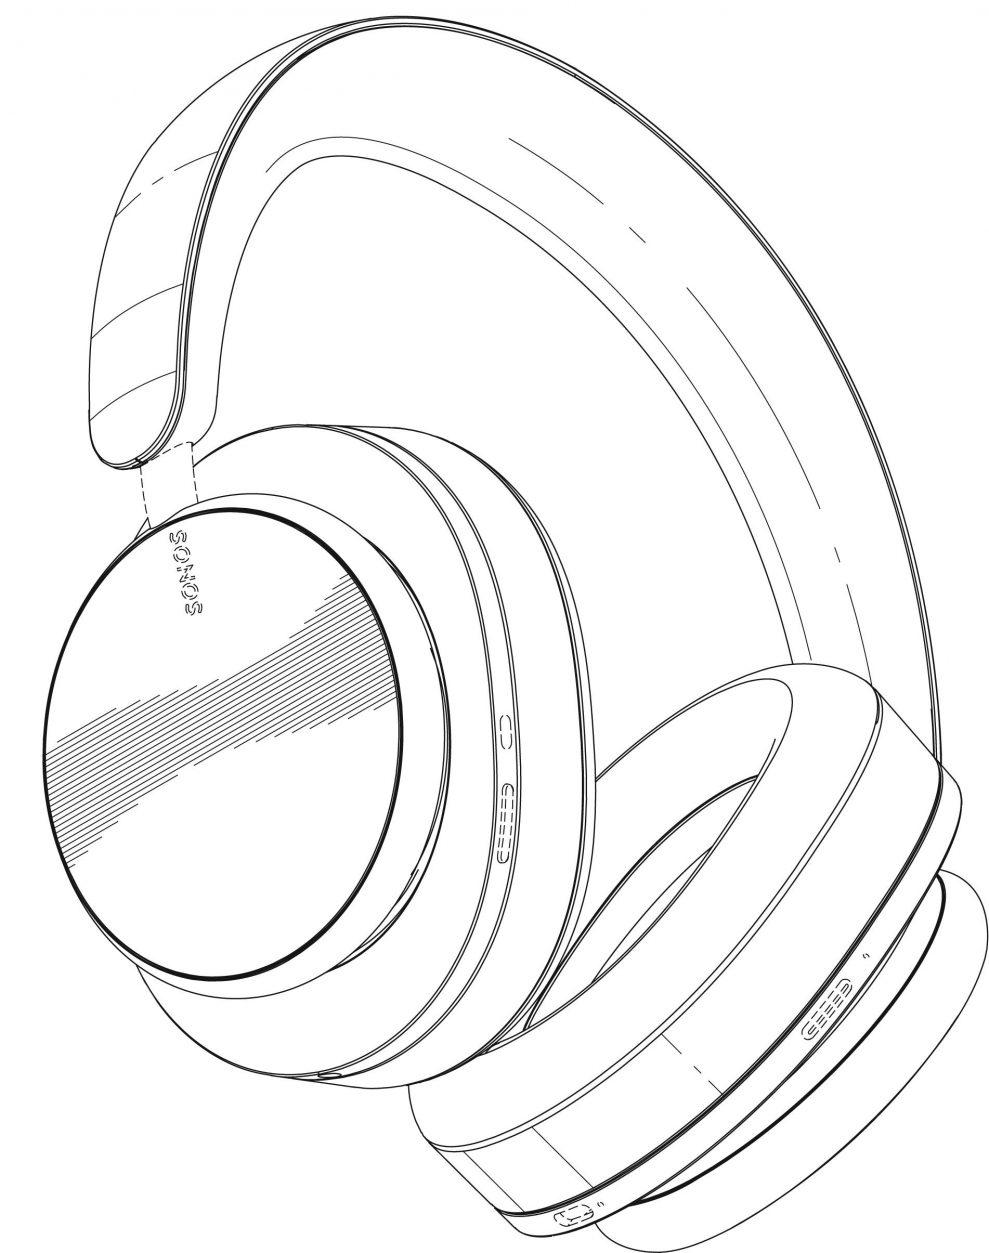 Sonos headphones 2